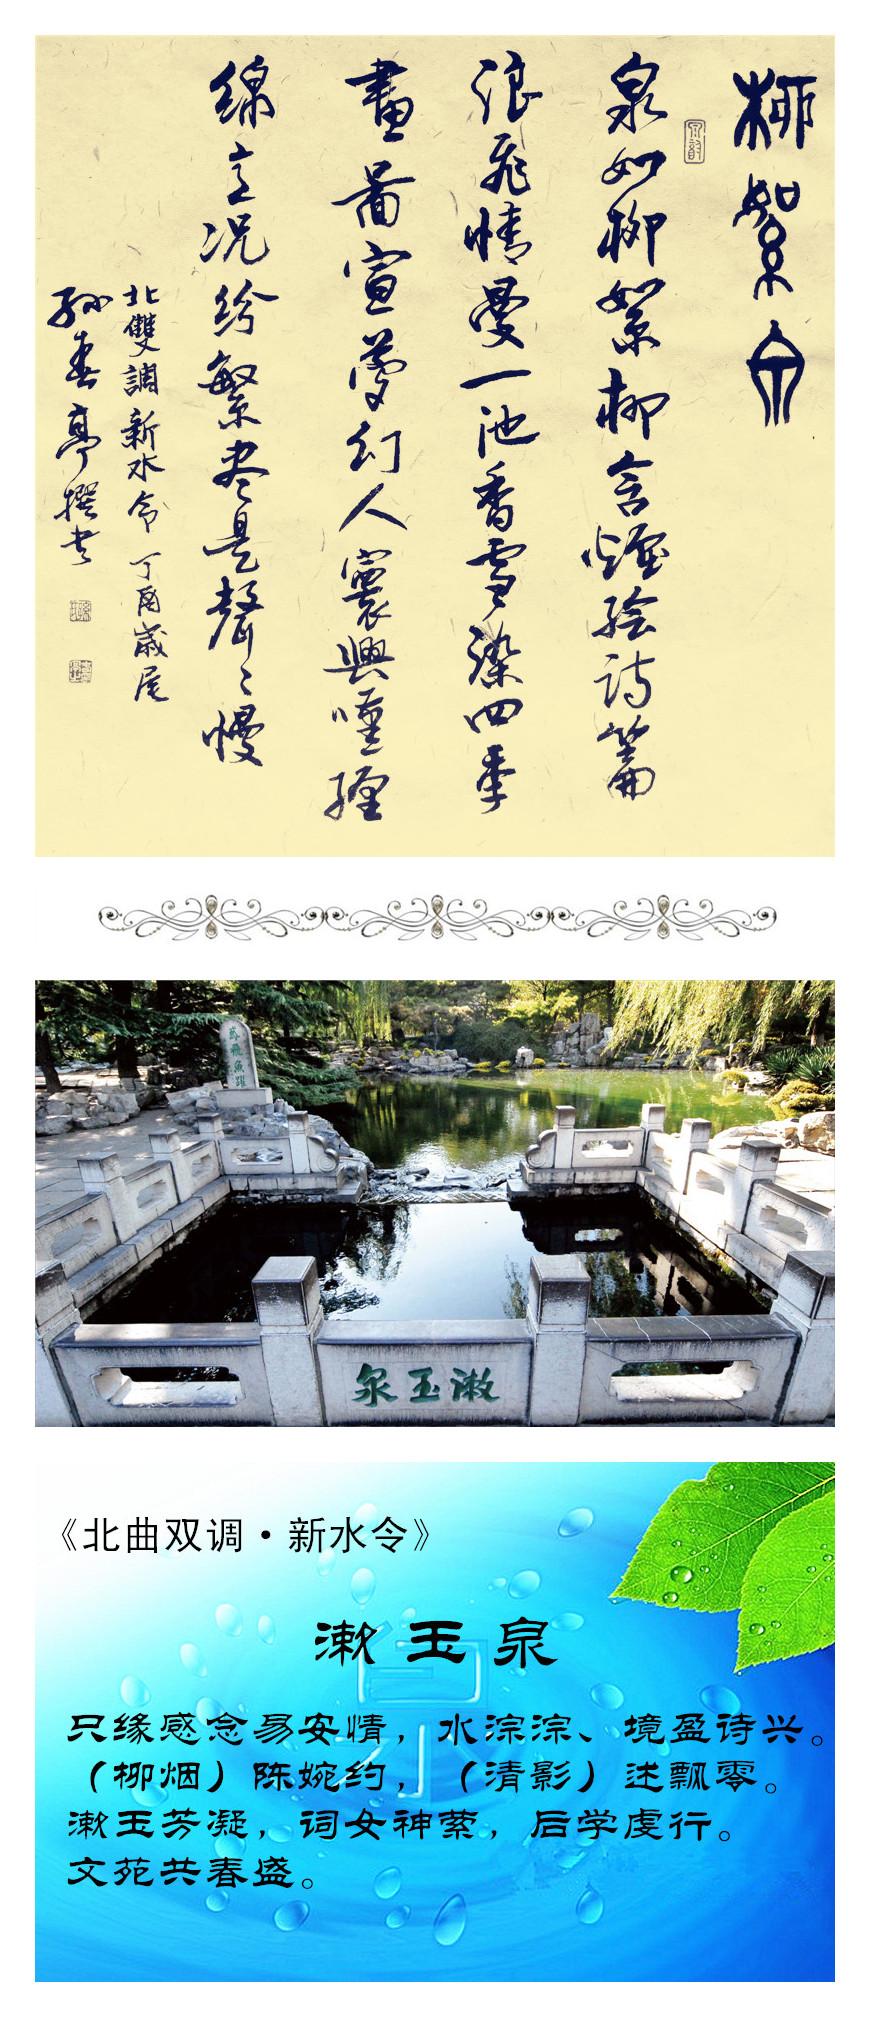 6漱玉泉李